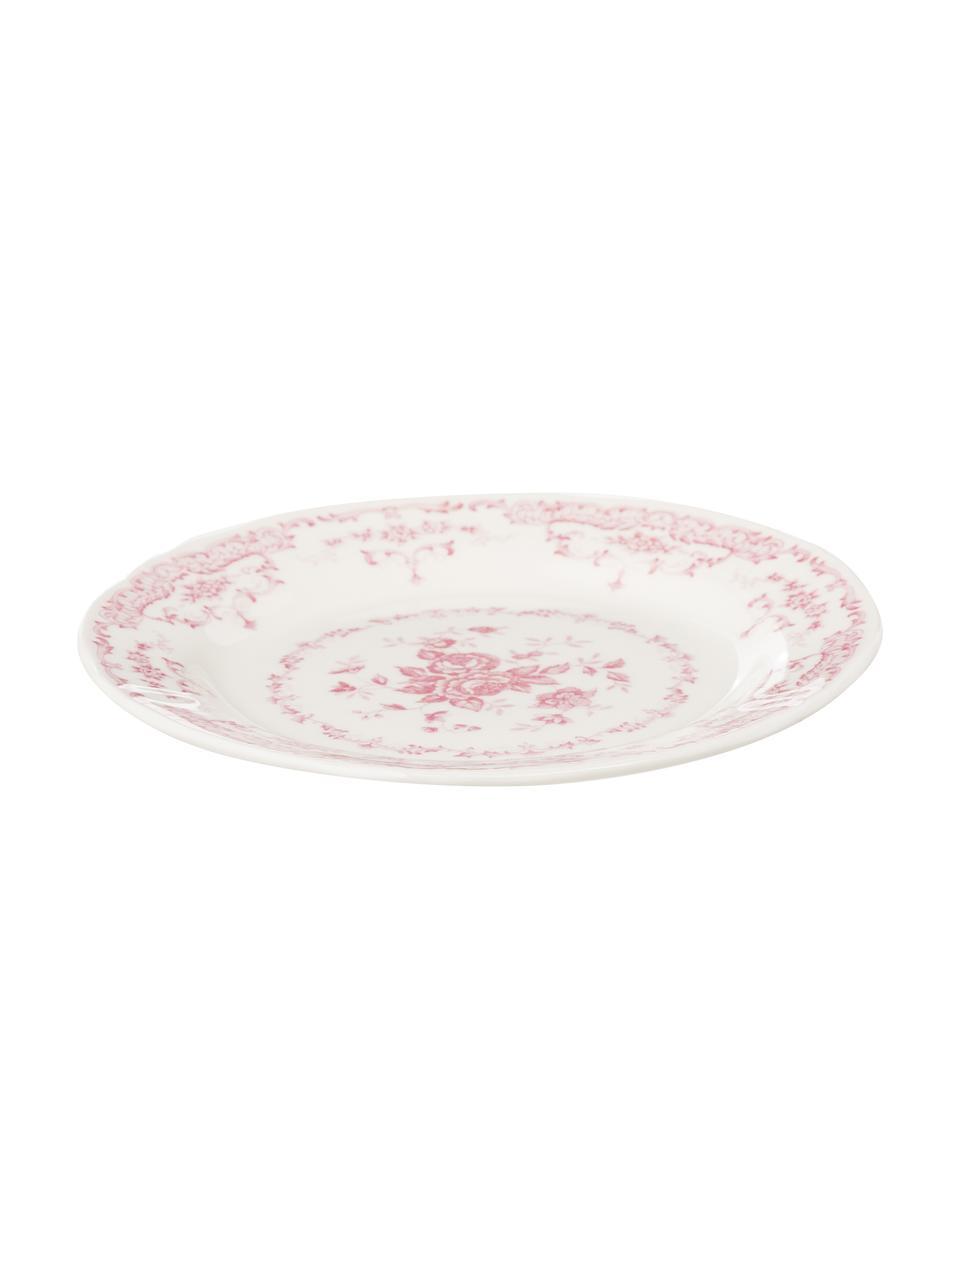 Geschirr-Set Rose mit Blumendesign in Rosa, 6 Personen (18-tlg.), Keramik, Weiß, Rosa, Sondergrößen